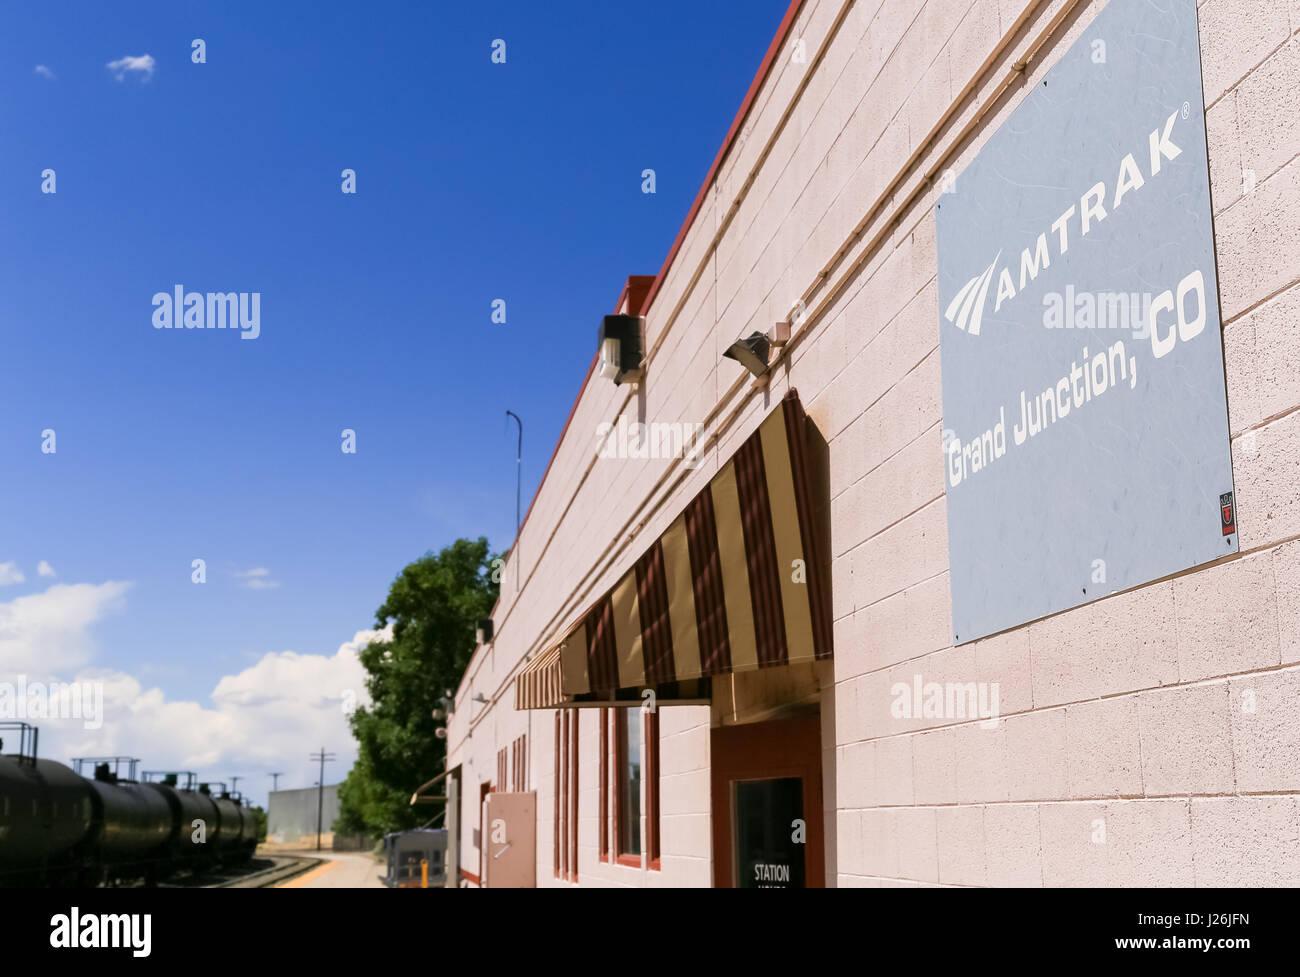 usa colorado mesa county grand stock  usa colorado mesa county grand stock images alamy